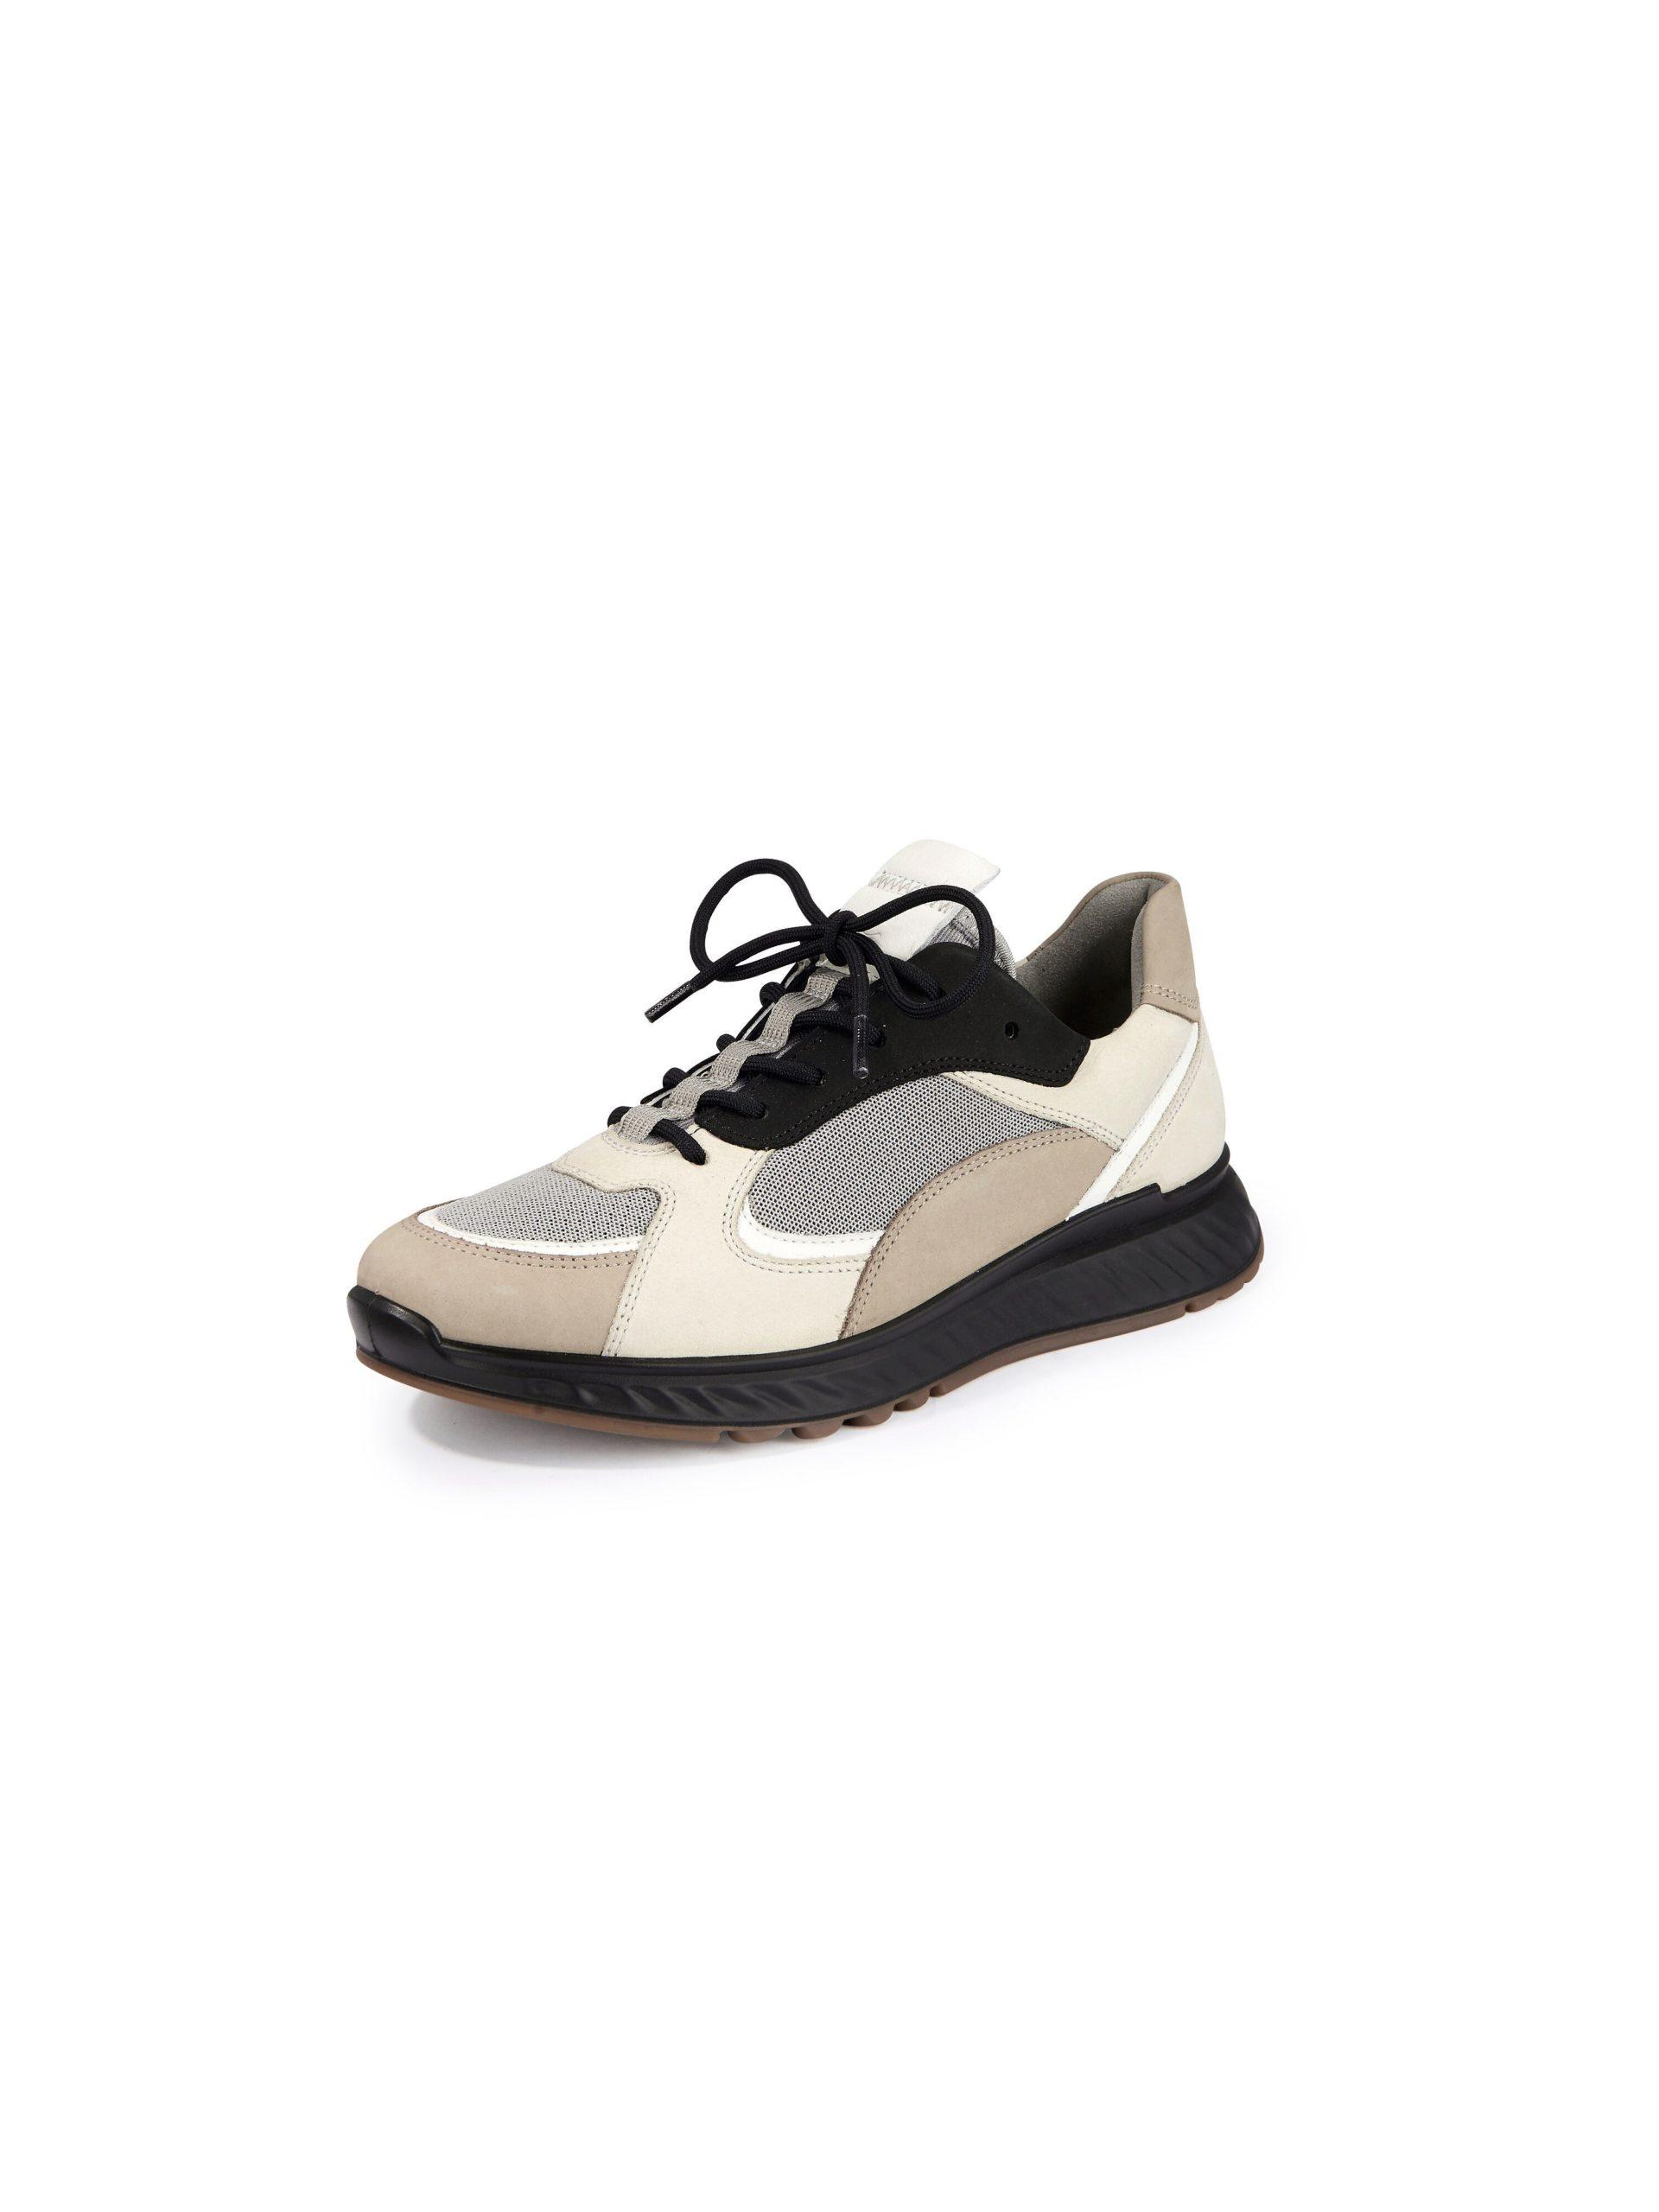 Sneakers Van Ecco grijs Kopen